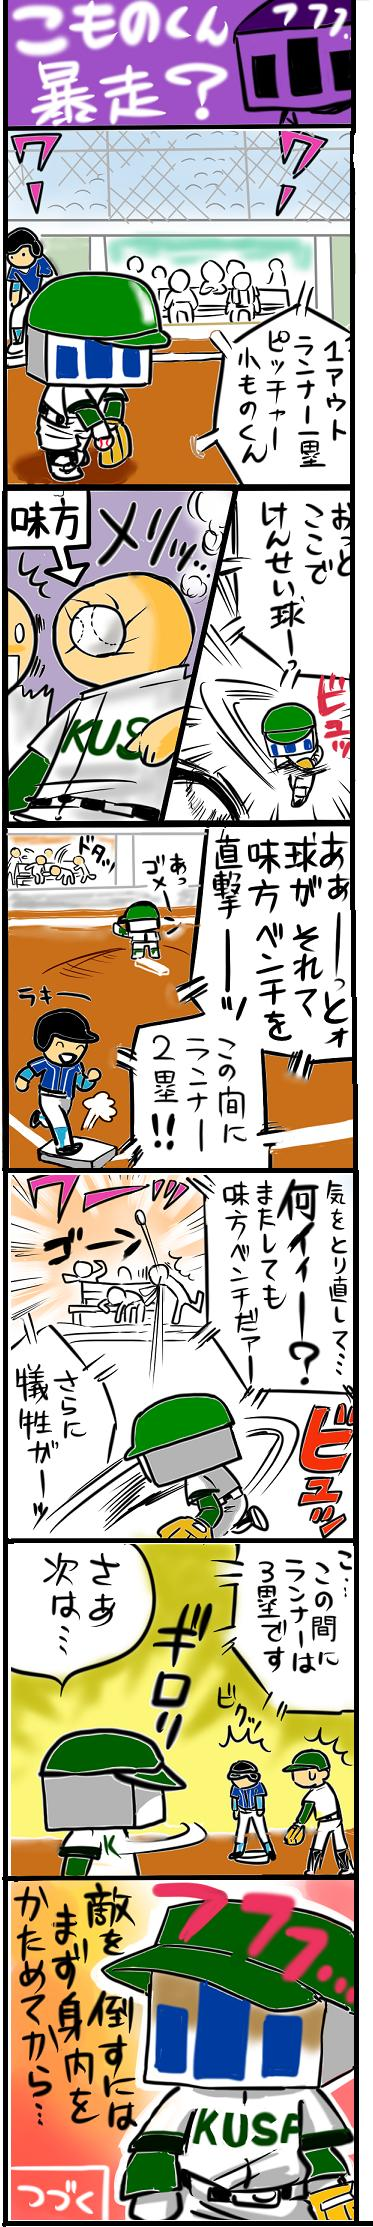 4komakenseikyu.JPG